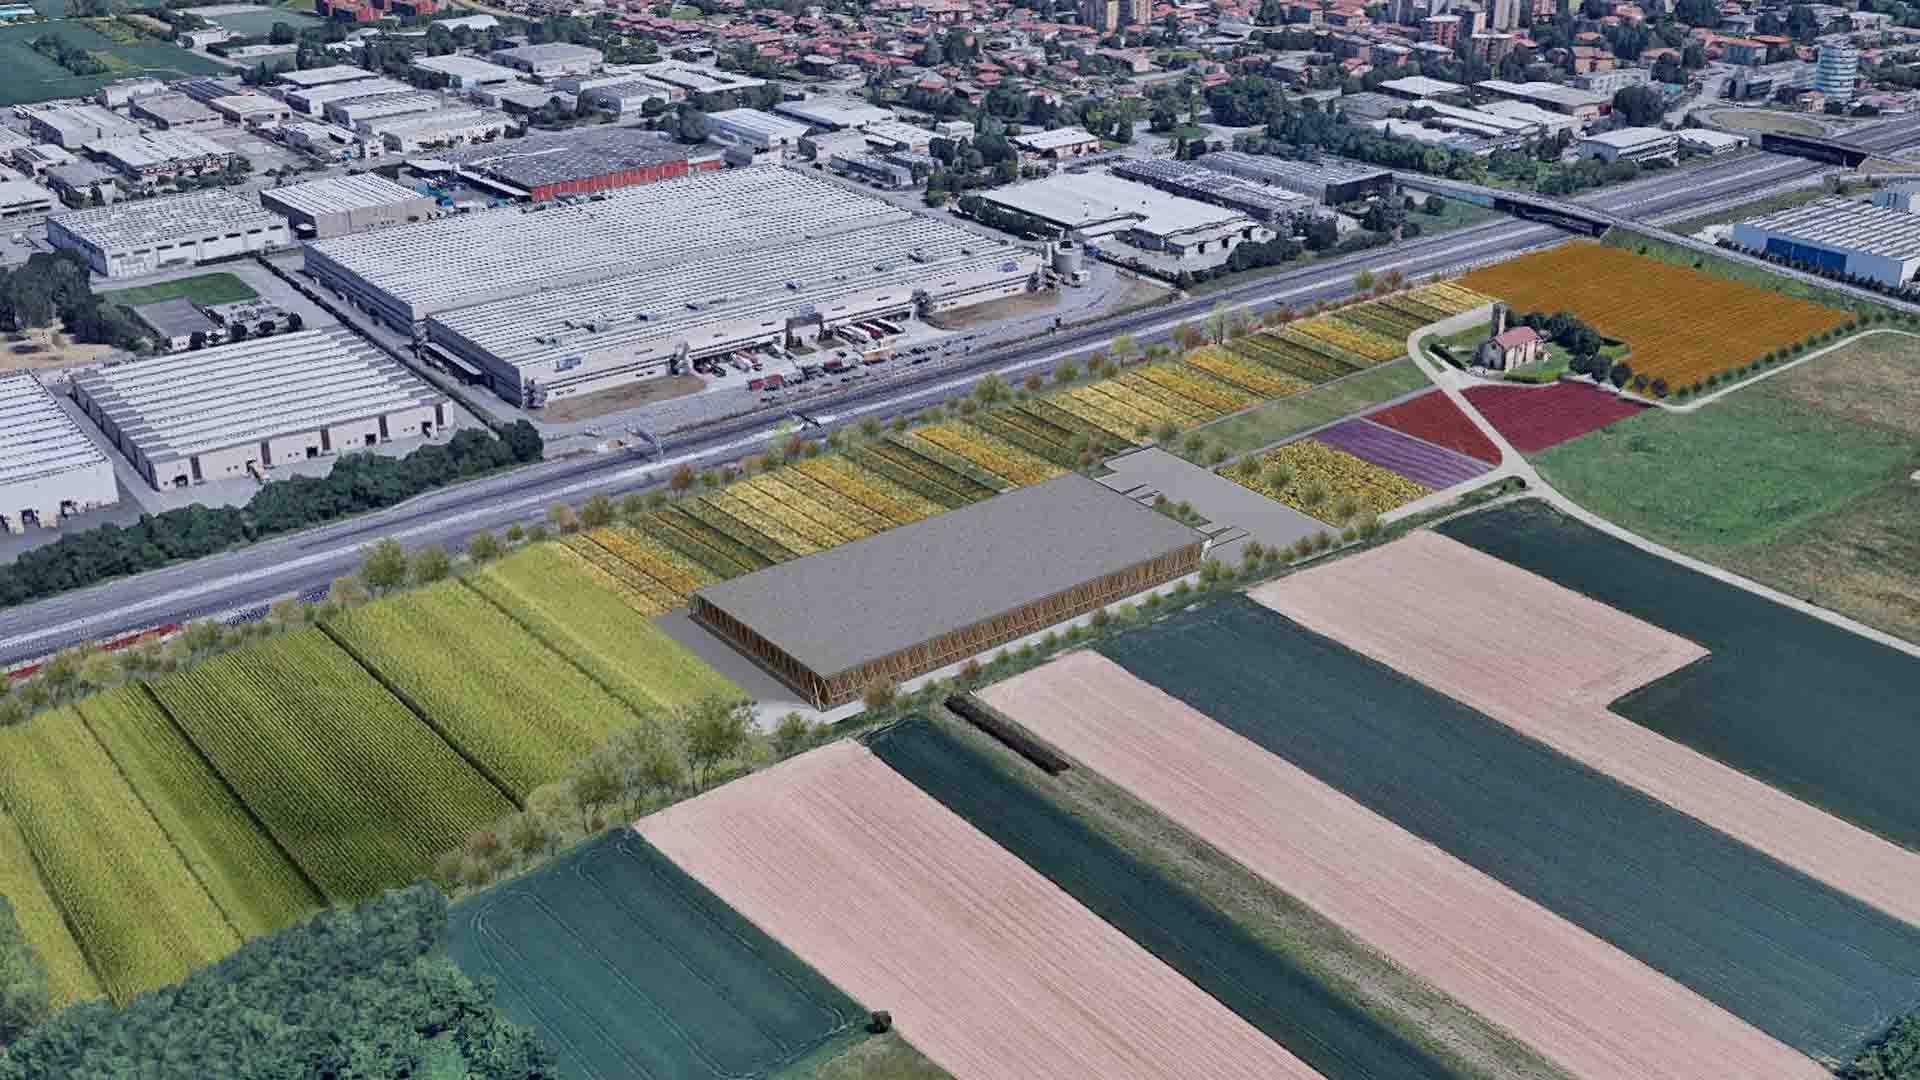 Lo stabilimento di Planet Farms a Cavenago, Milano, che rispetta l